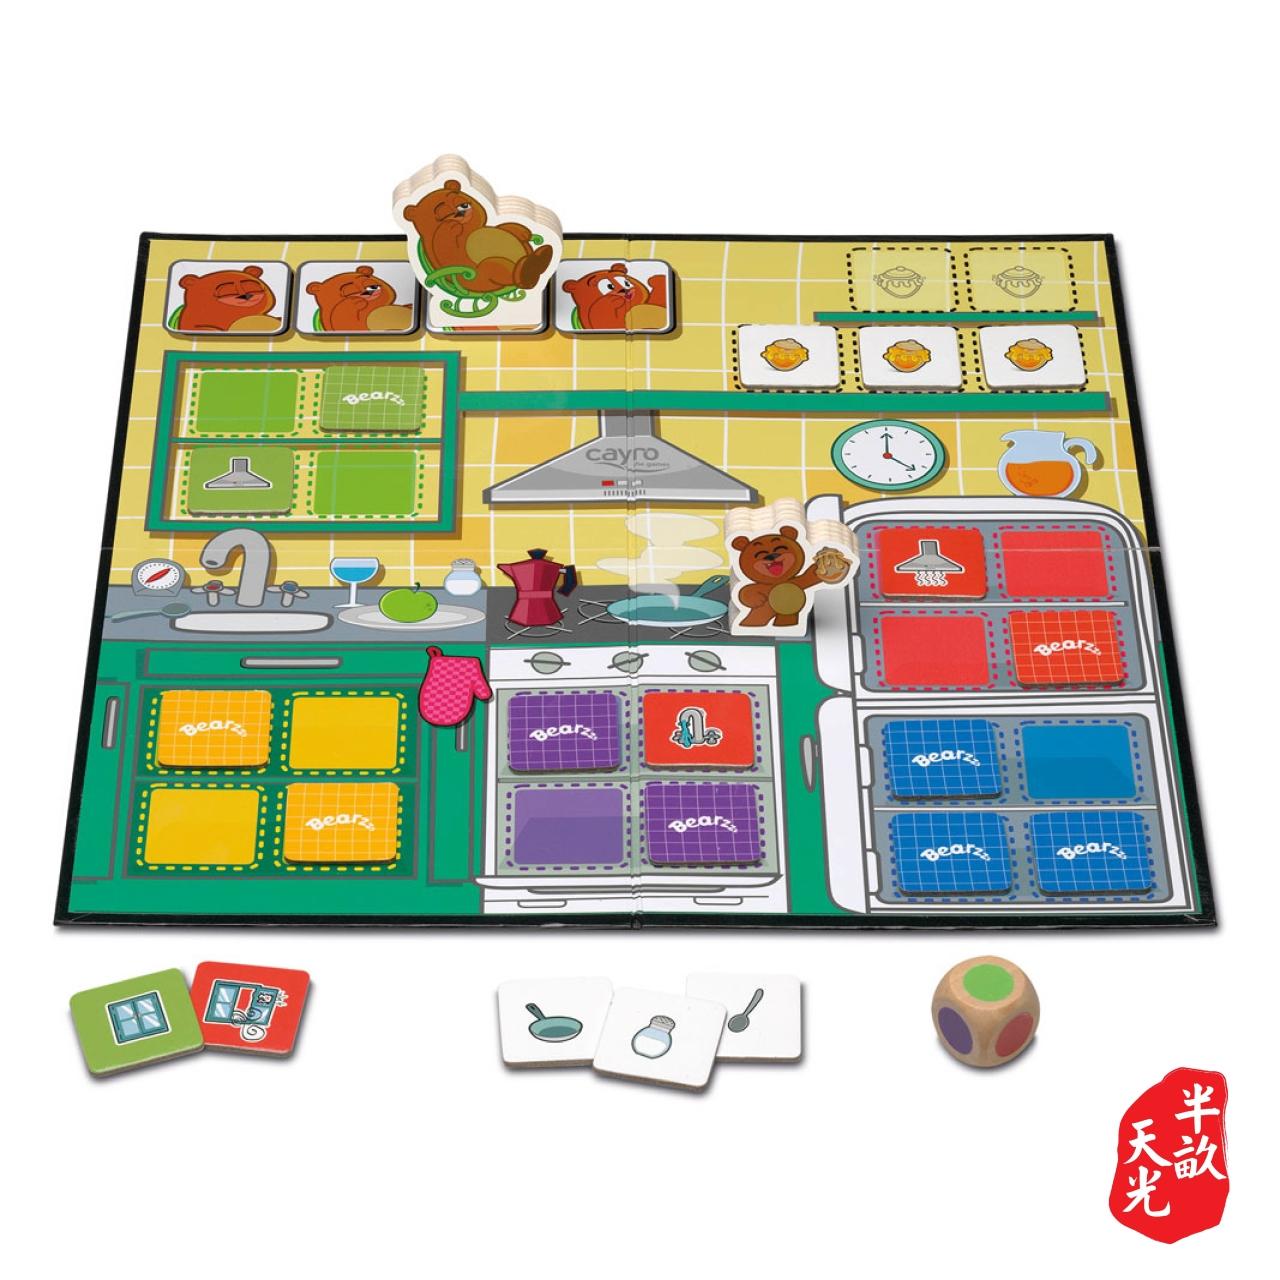 儿童桌游/儿童游戏/正版桌游: Bearzzz